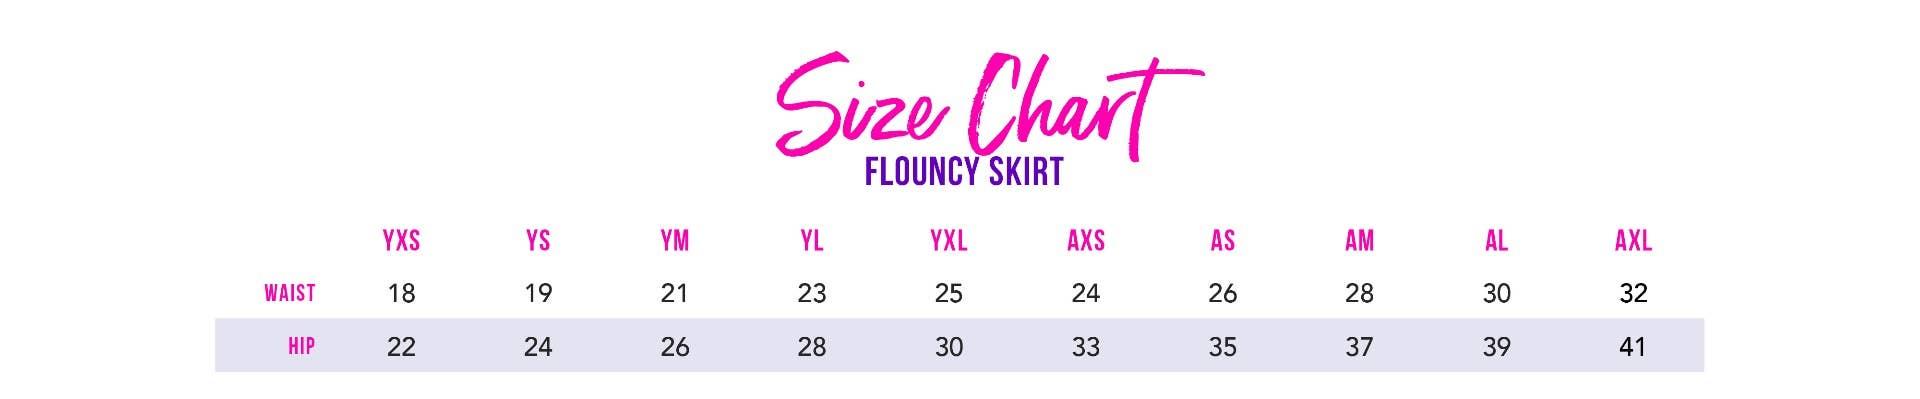 Flouncy Skirt Size Chart